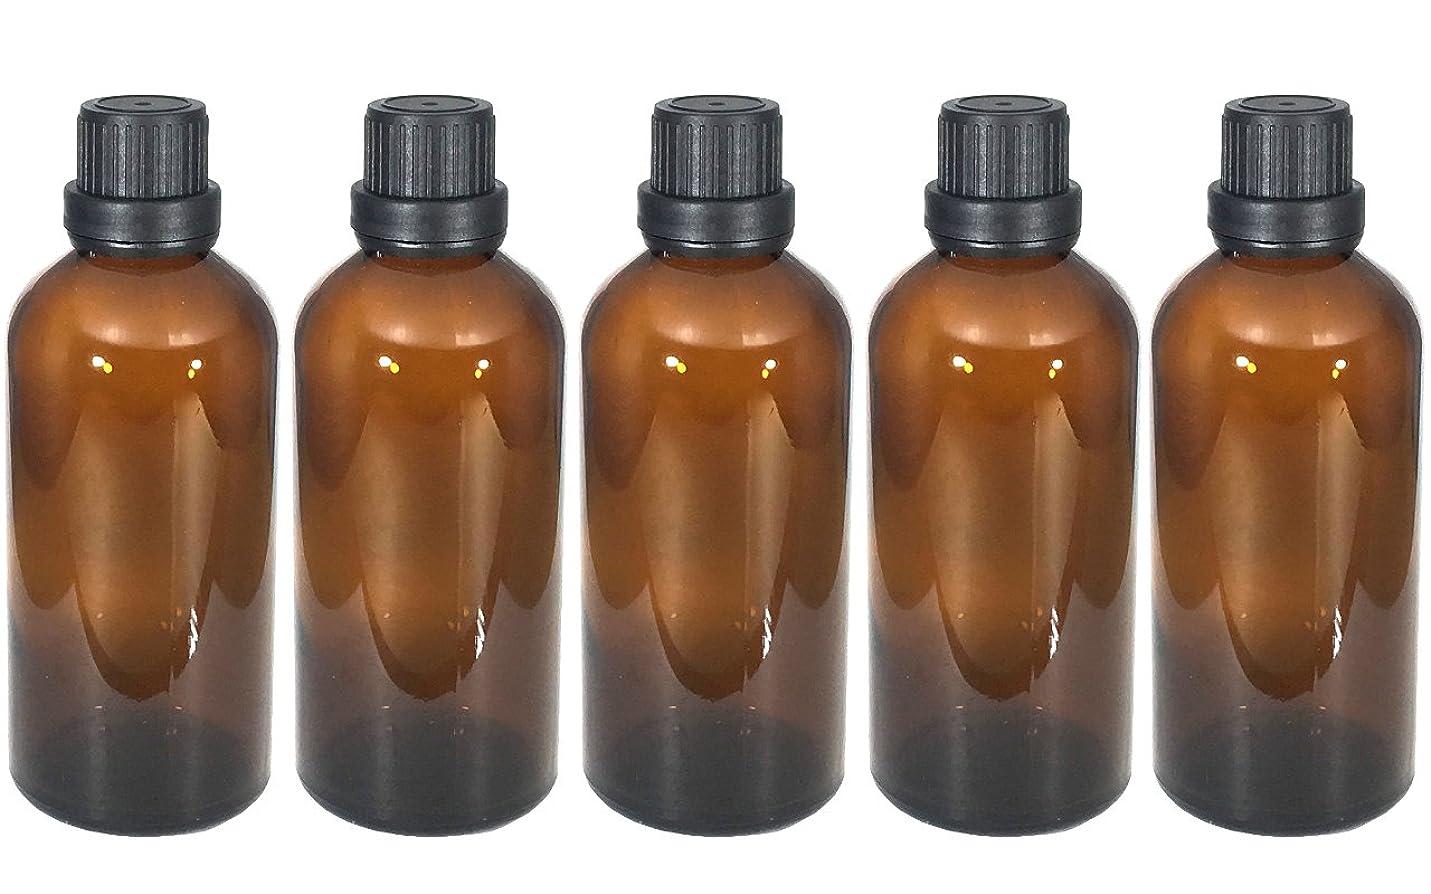 彫る資本主義踏みつけ遮光瓶 100ml 5本セット ガラス製 アロマオイル エッセンシャルオイル 保存用 茶色 ブラウン